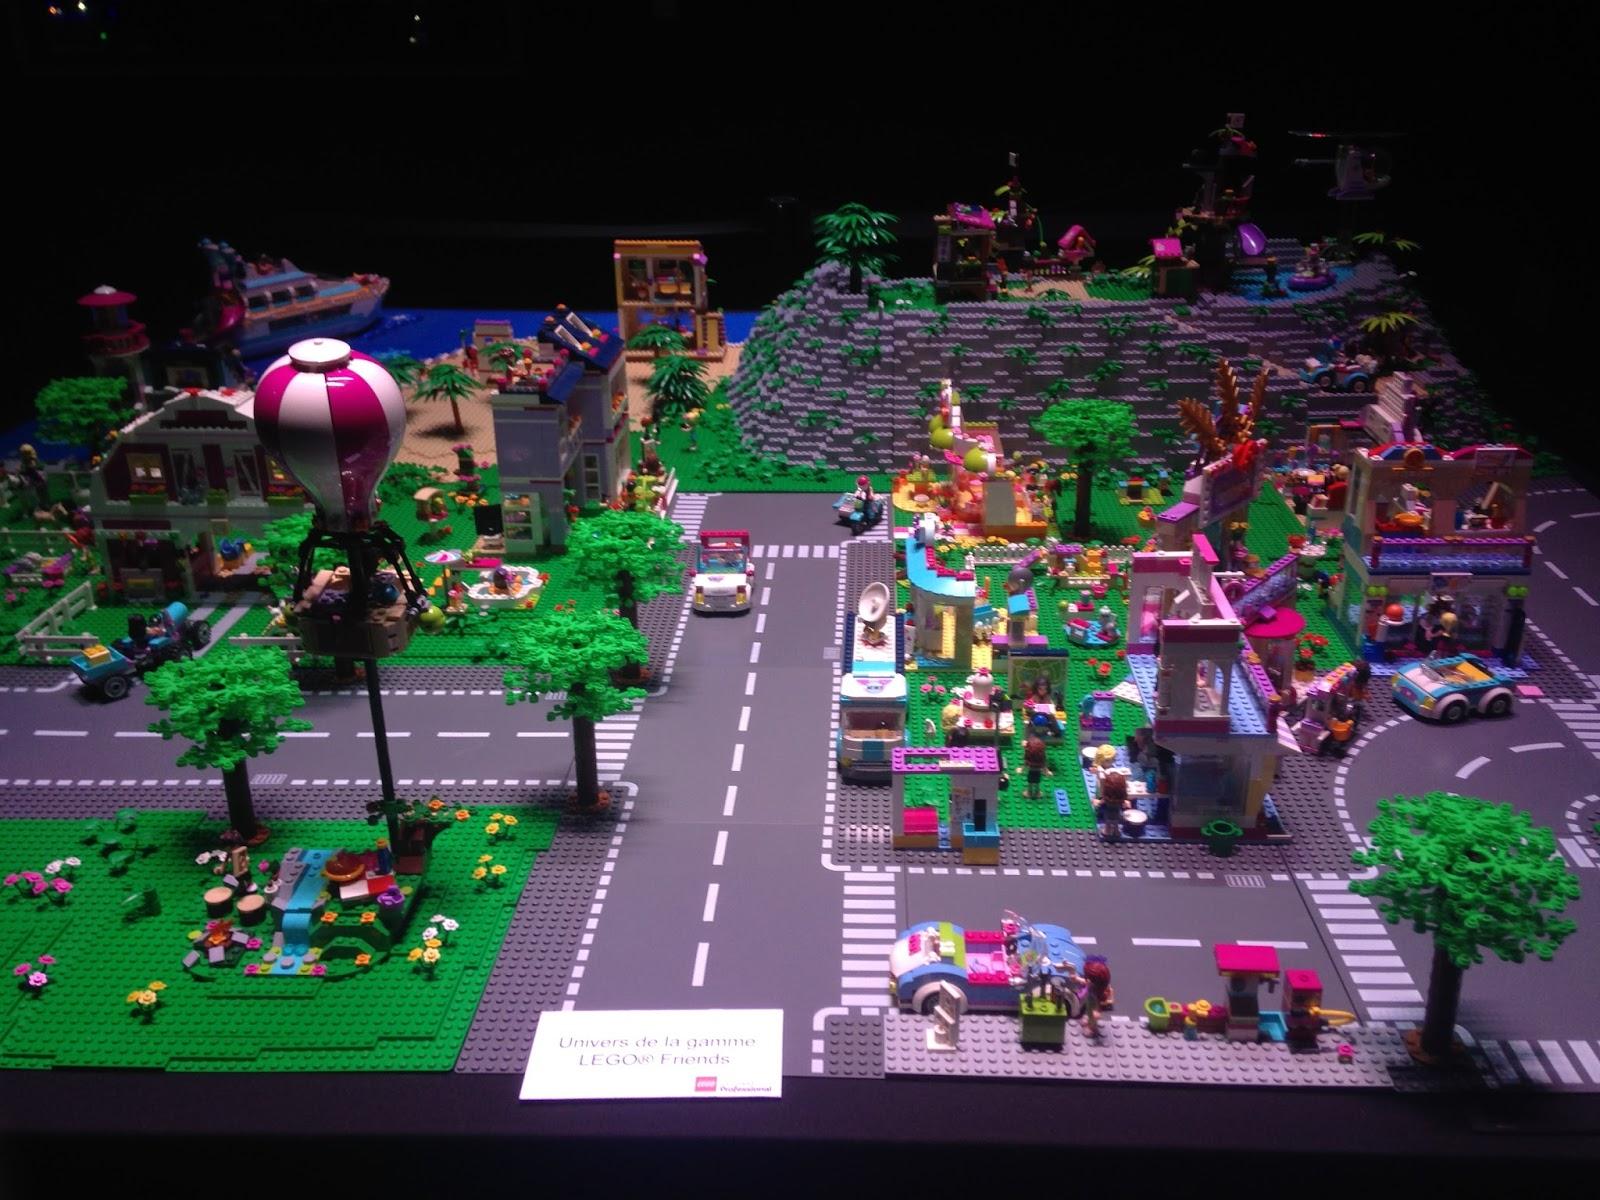 Univers de la gamme Lego Friends